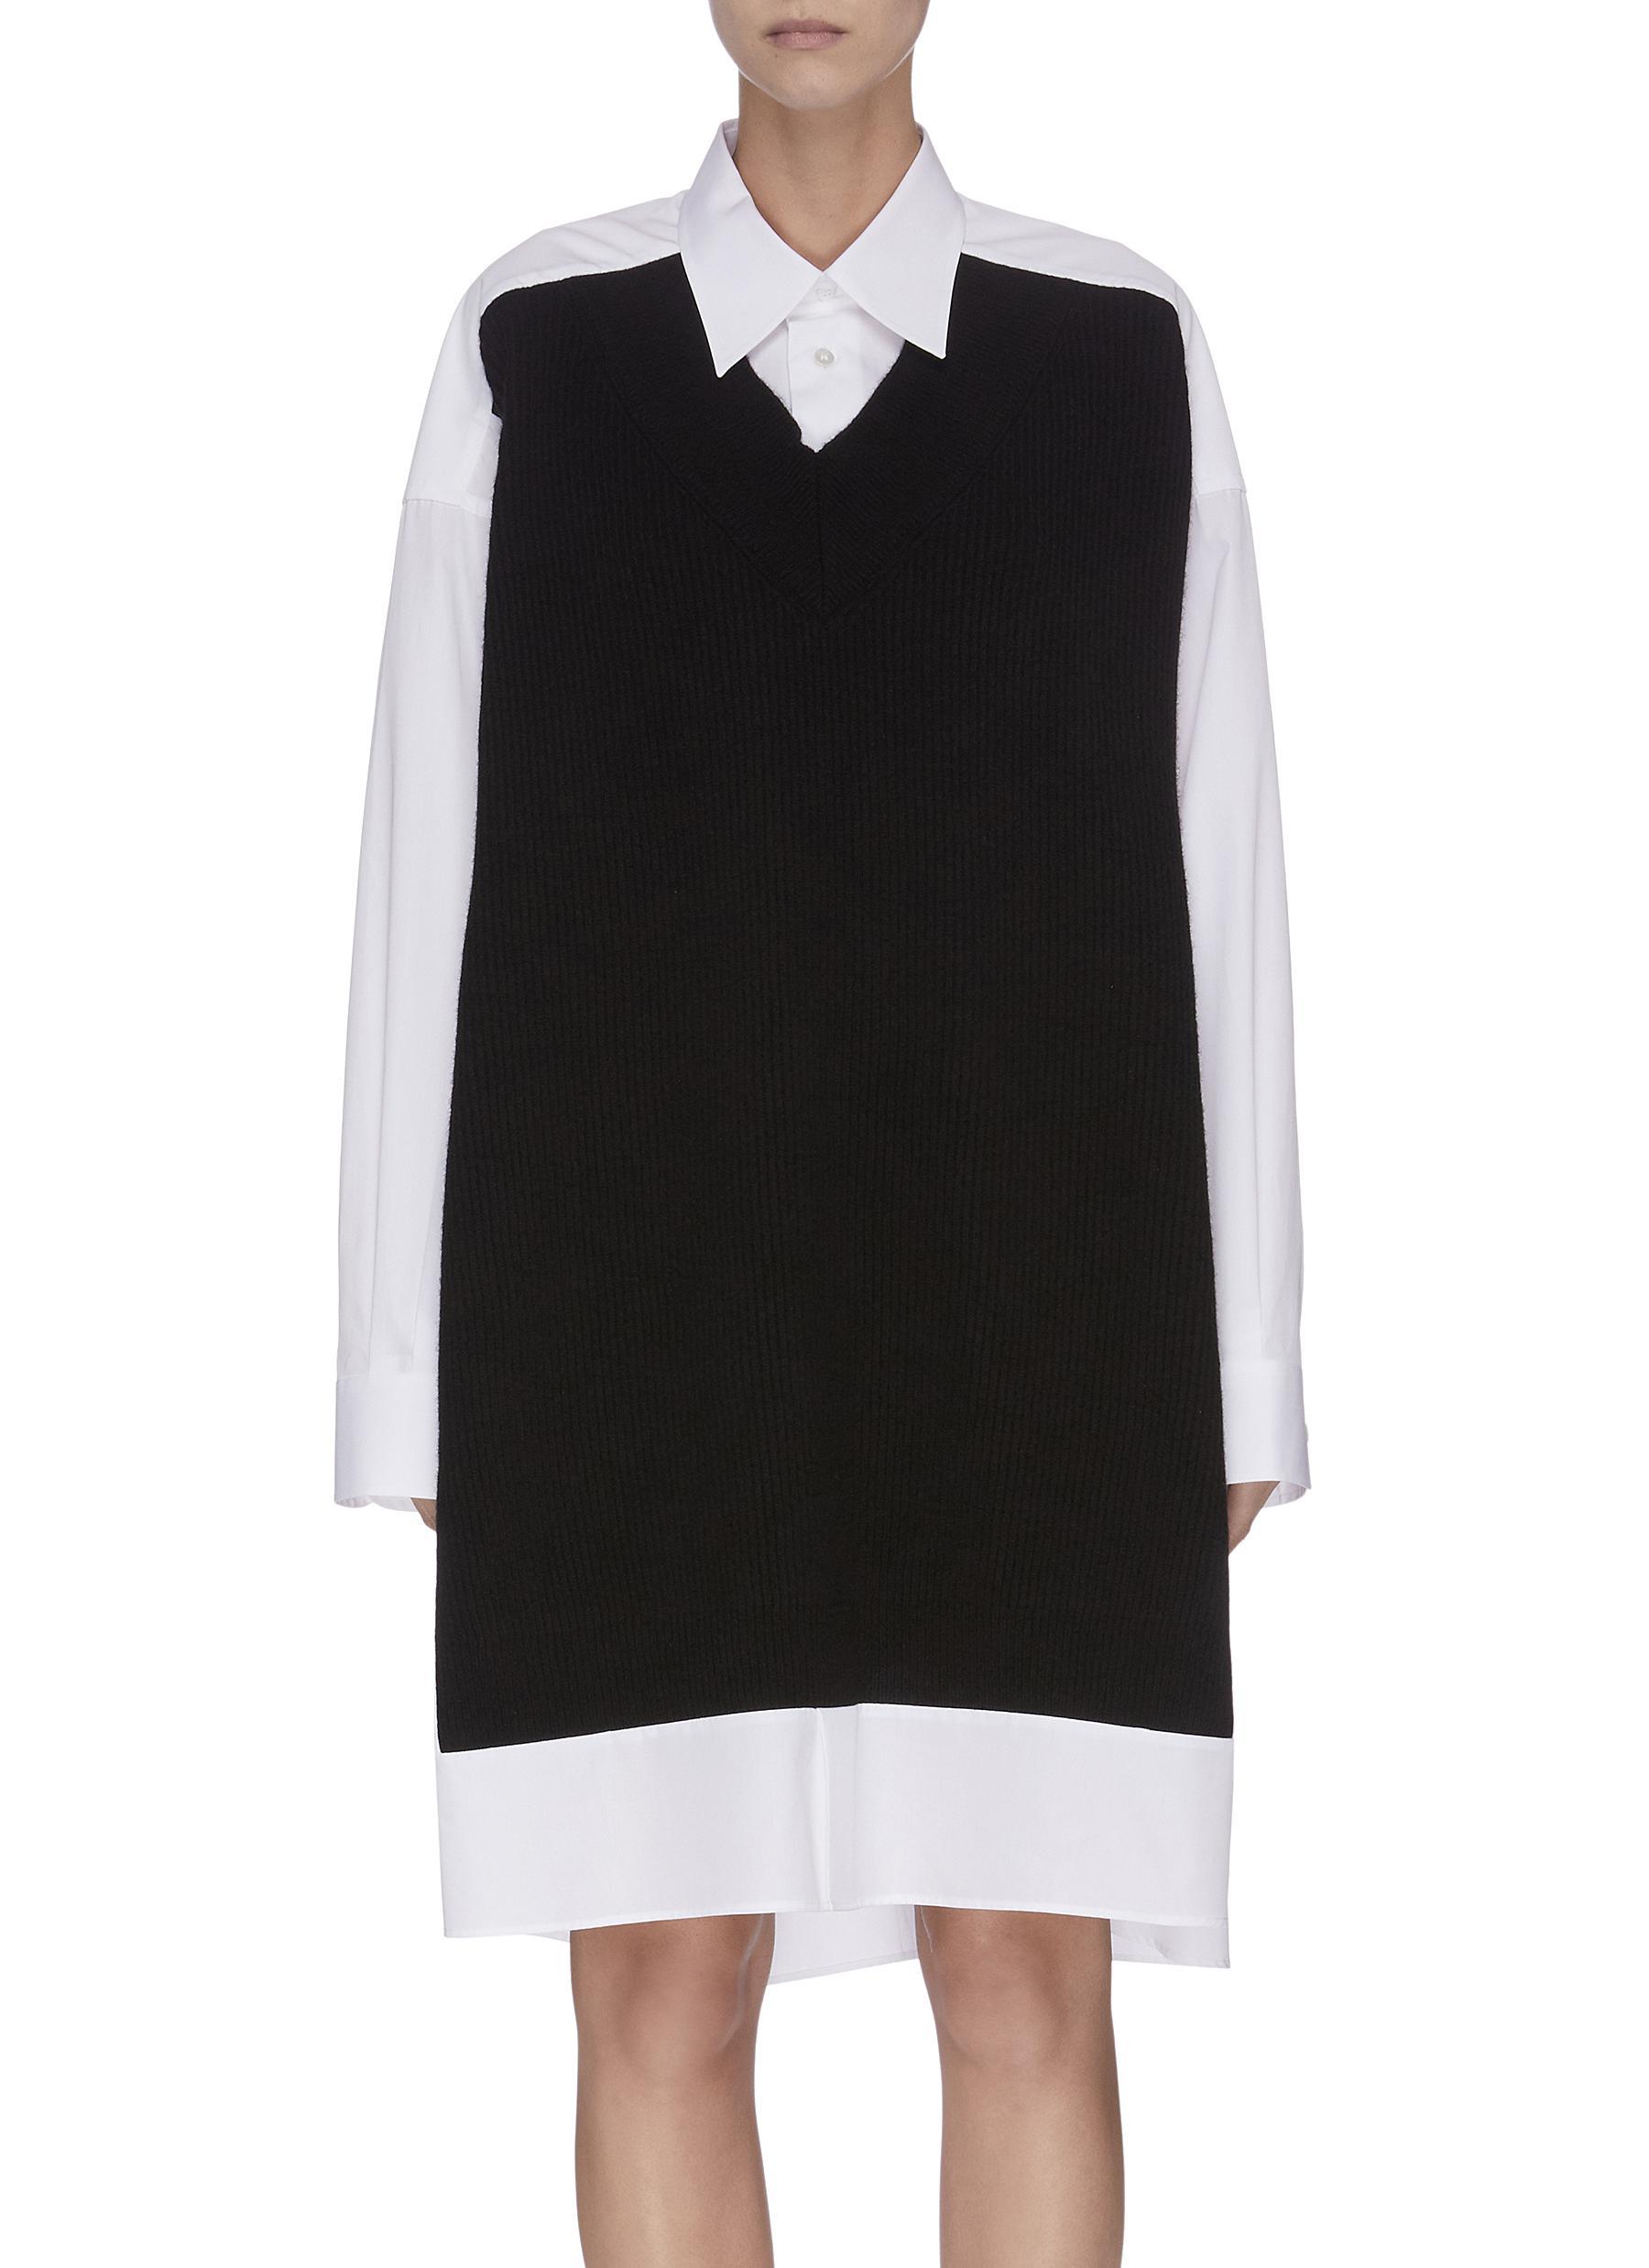 Oversized rib knit panel shirt by Maison Margiela